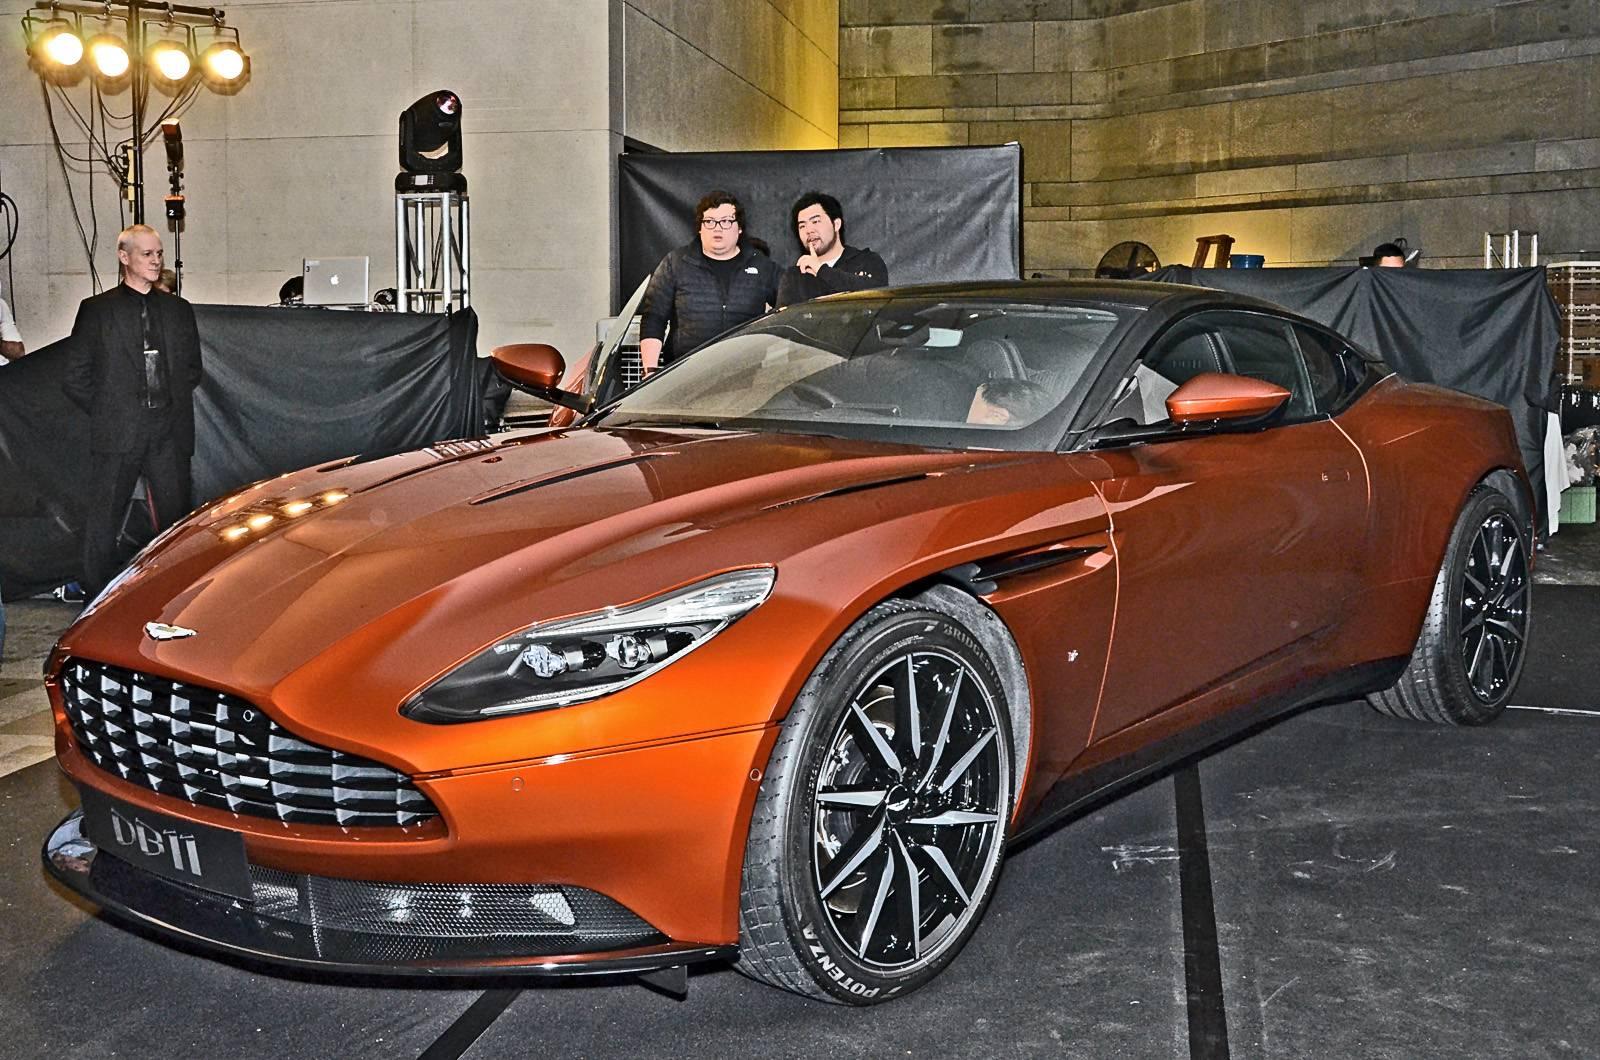 Aston Martin DB11 chắc chắn sẽ thu hút rất nhiều sự chú ý tại Hồng Kông thời gian tới